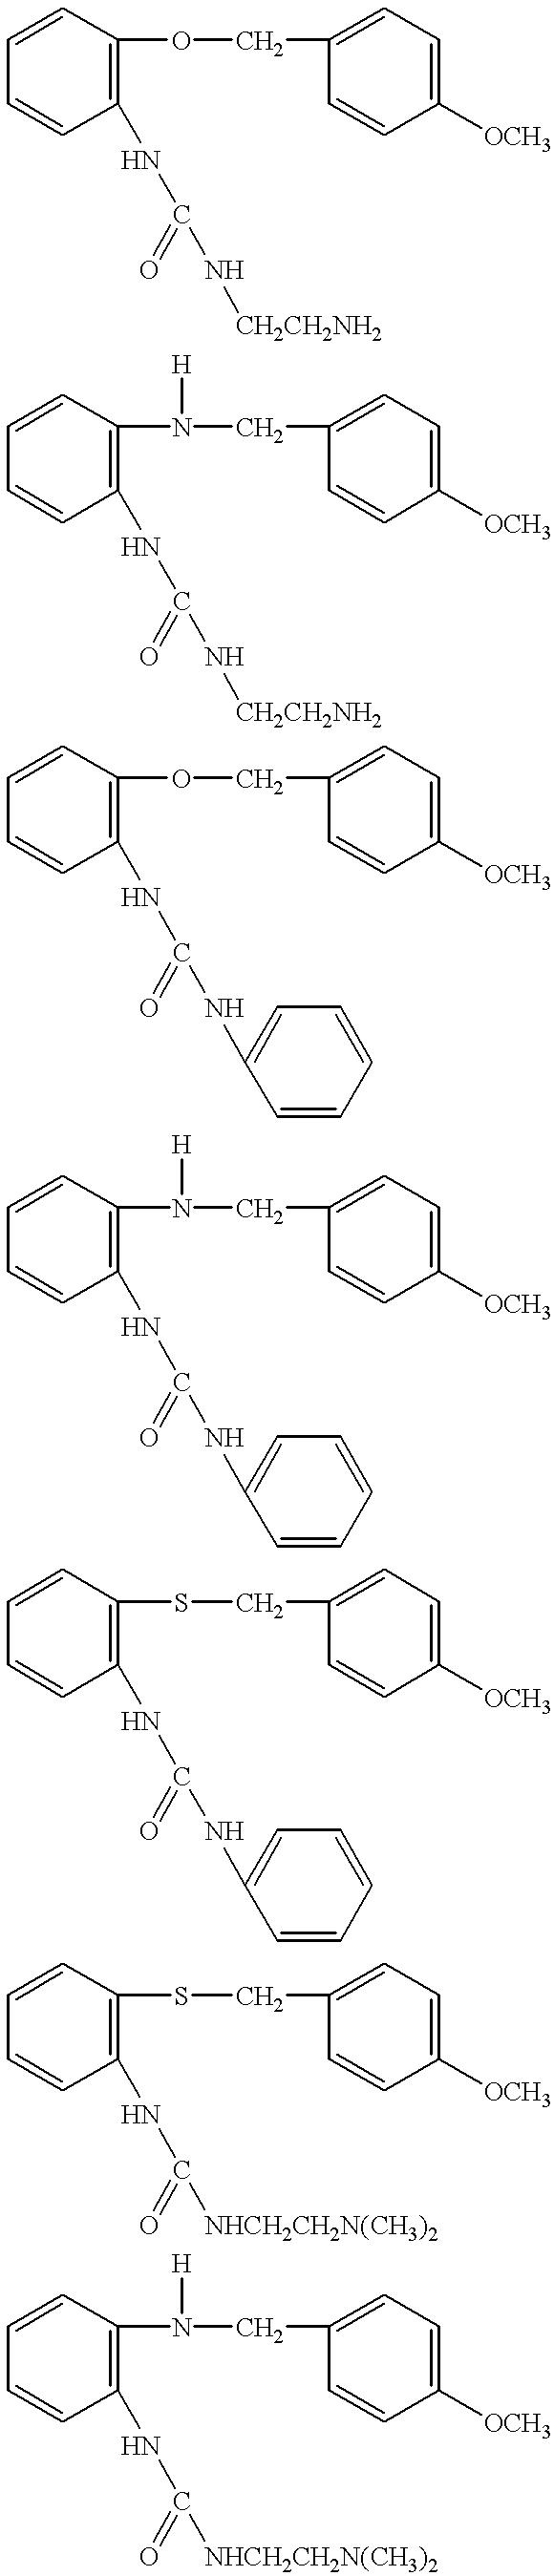 Figure US06541479-20030401-C00012